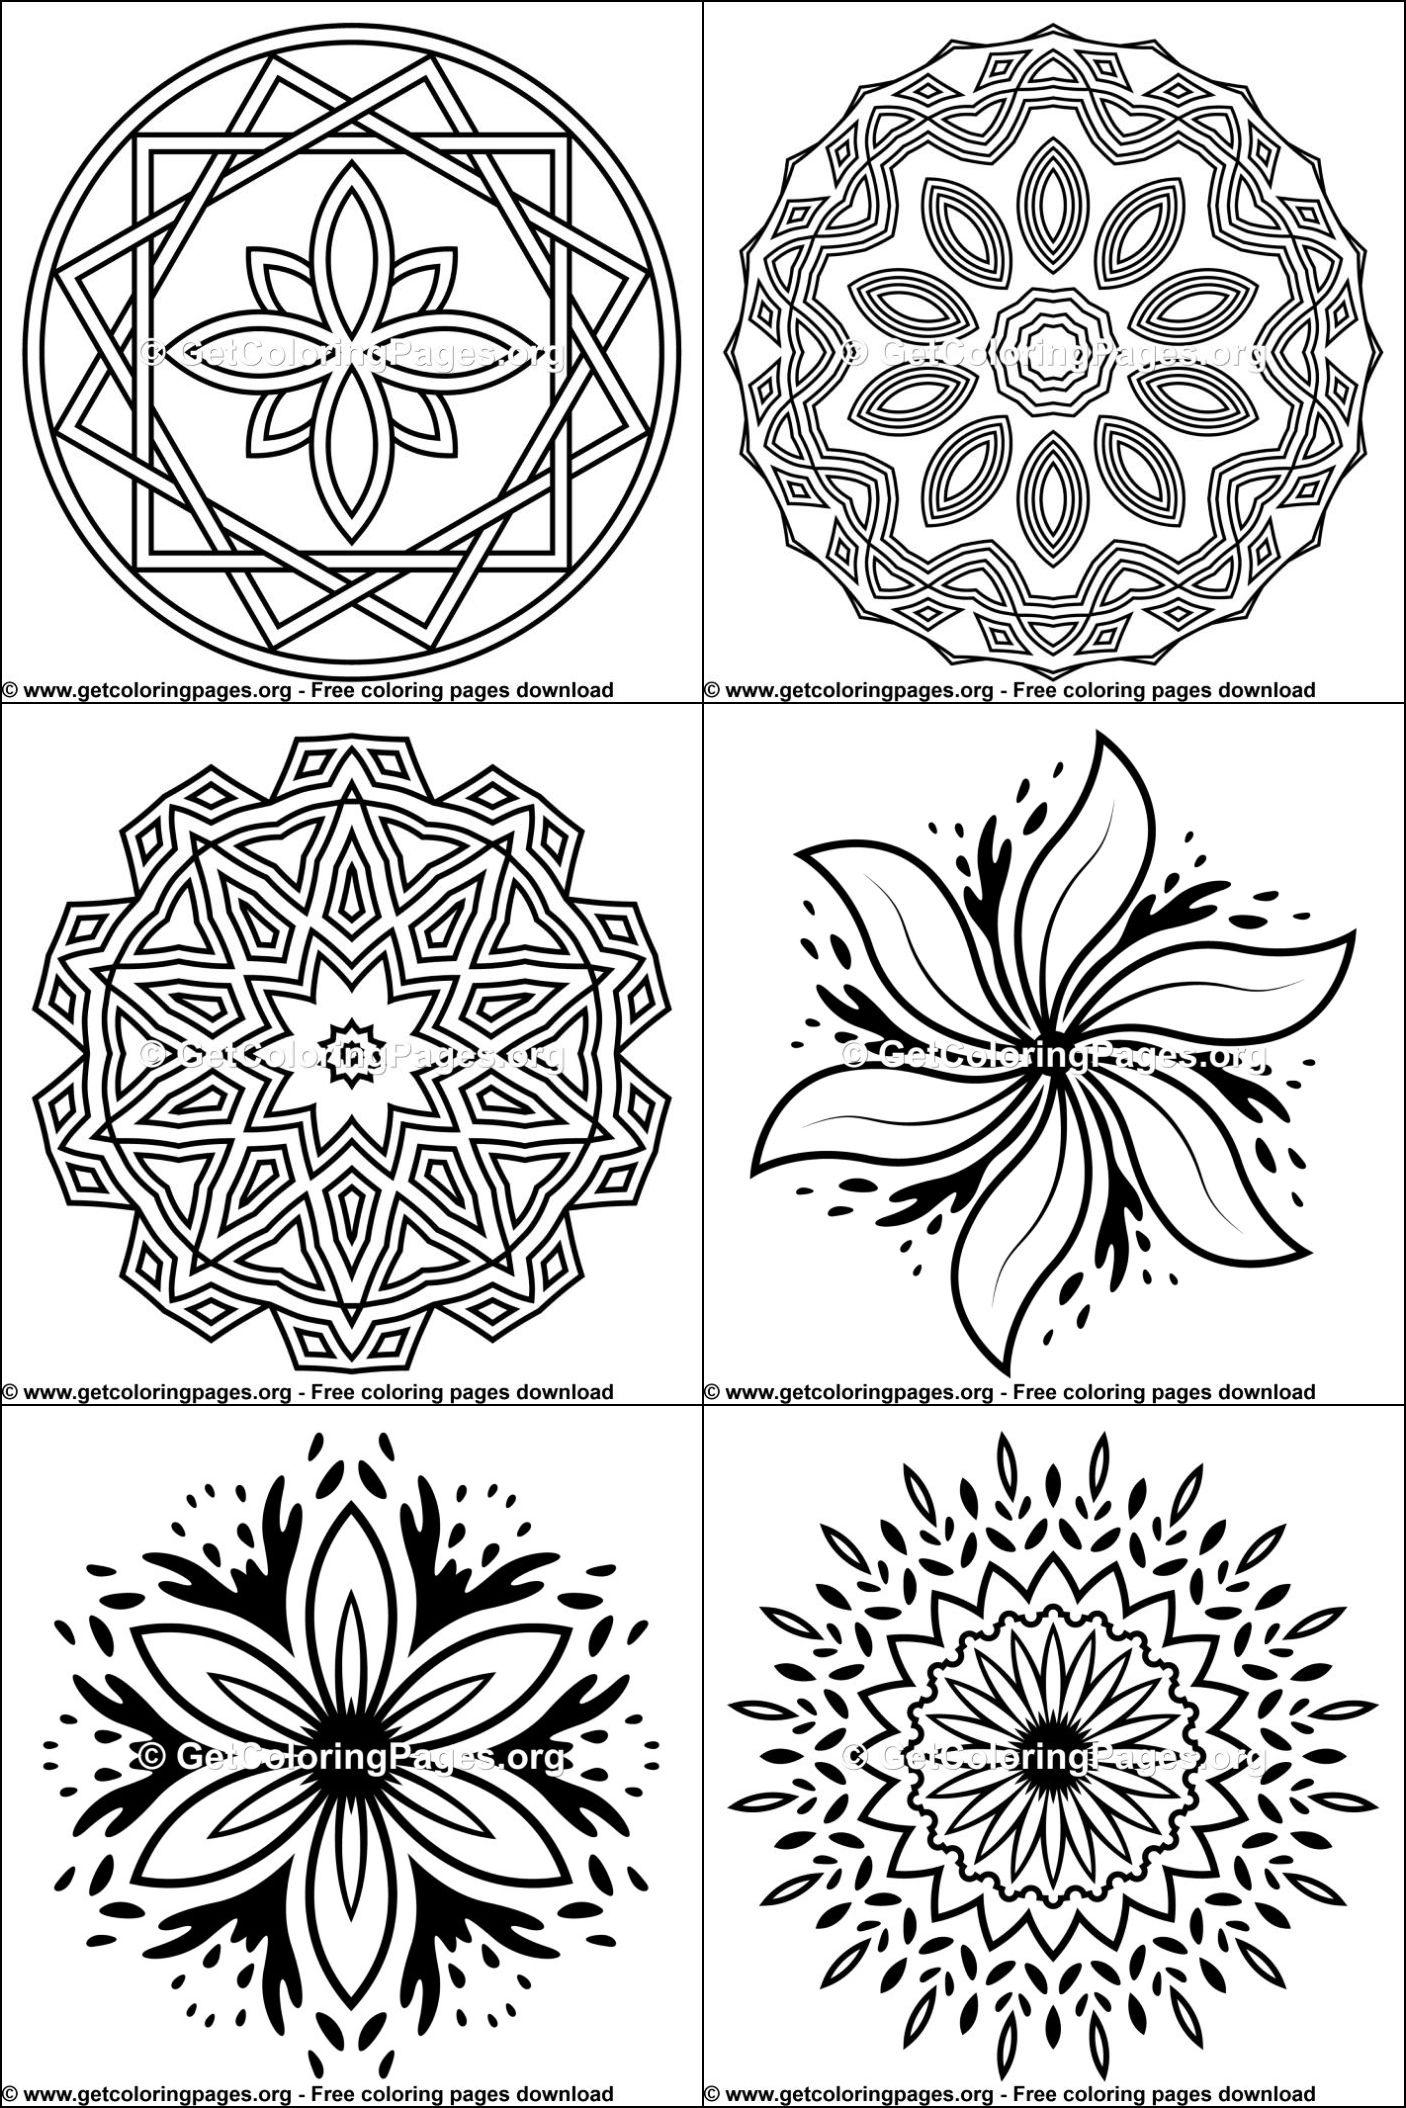 Free printable mandalas for beginners | Mandala printable ...